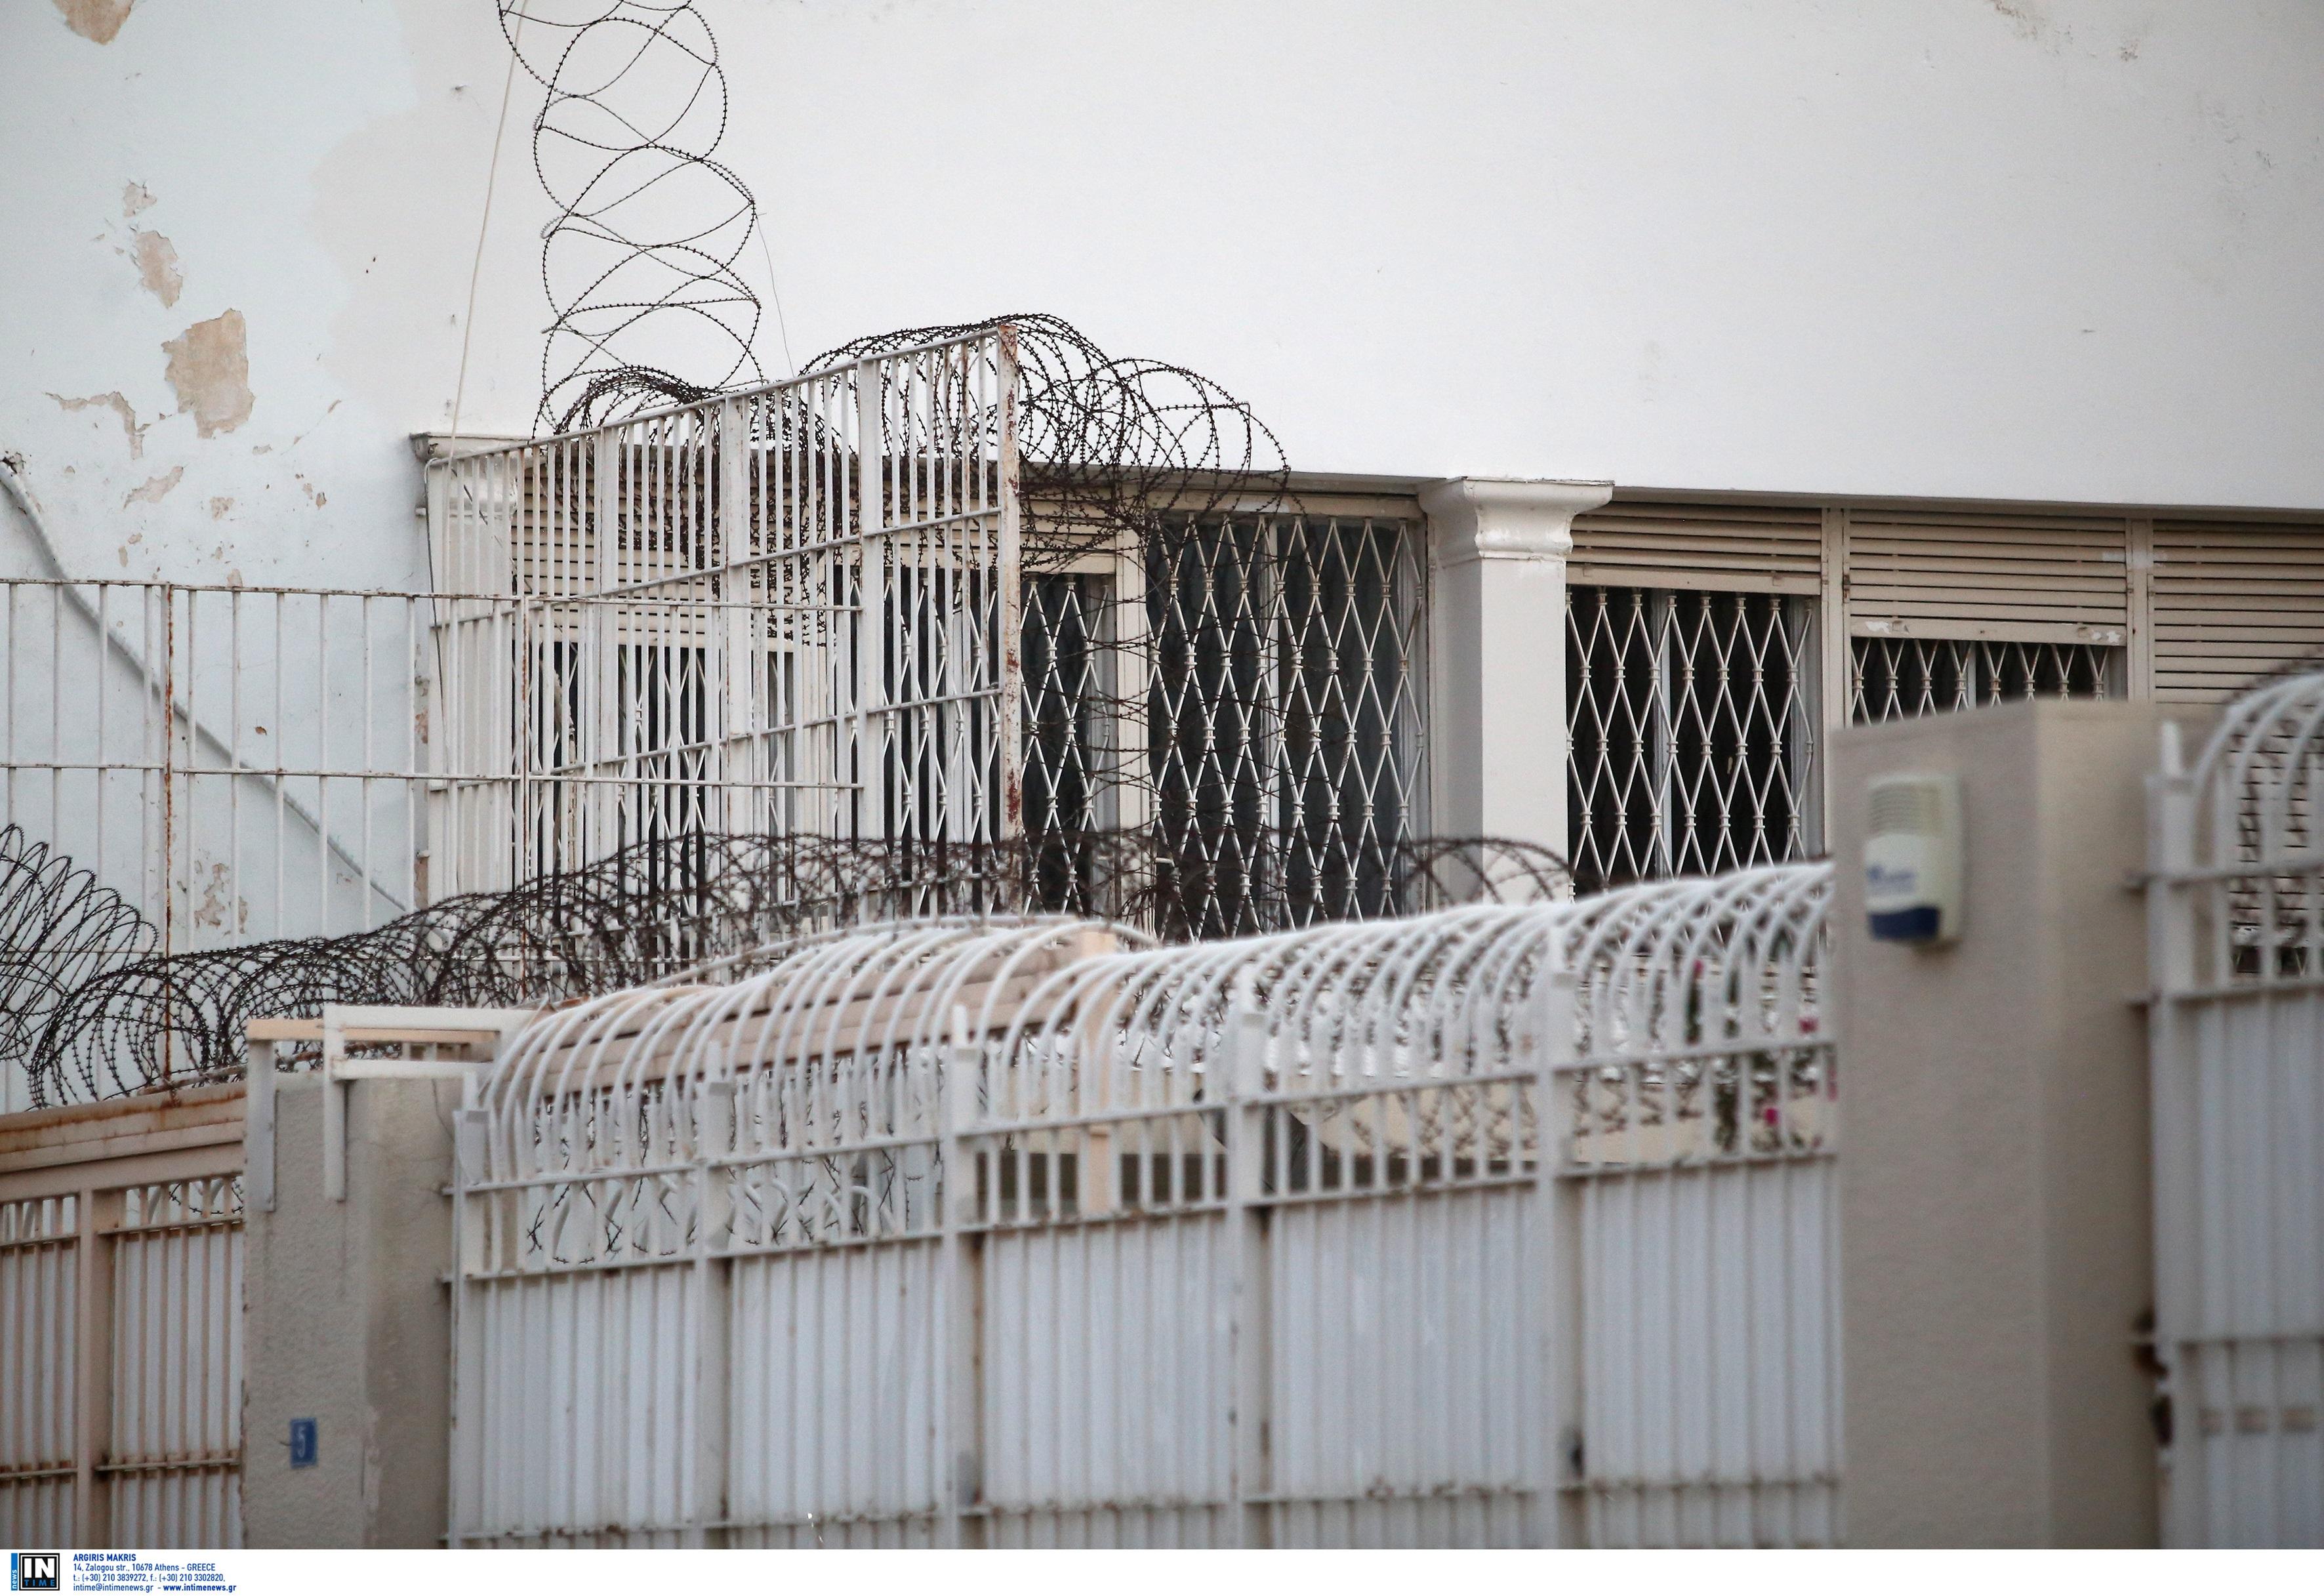 Τρίκαλα: Φυλακισμένος για ανθρωποκτονία βάφτισε το παιδί του στο κελί